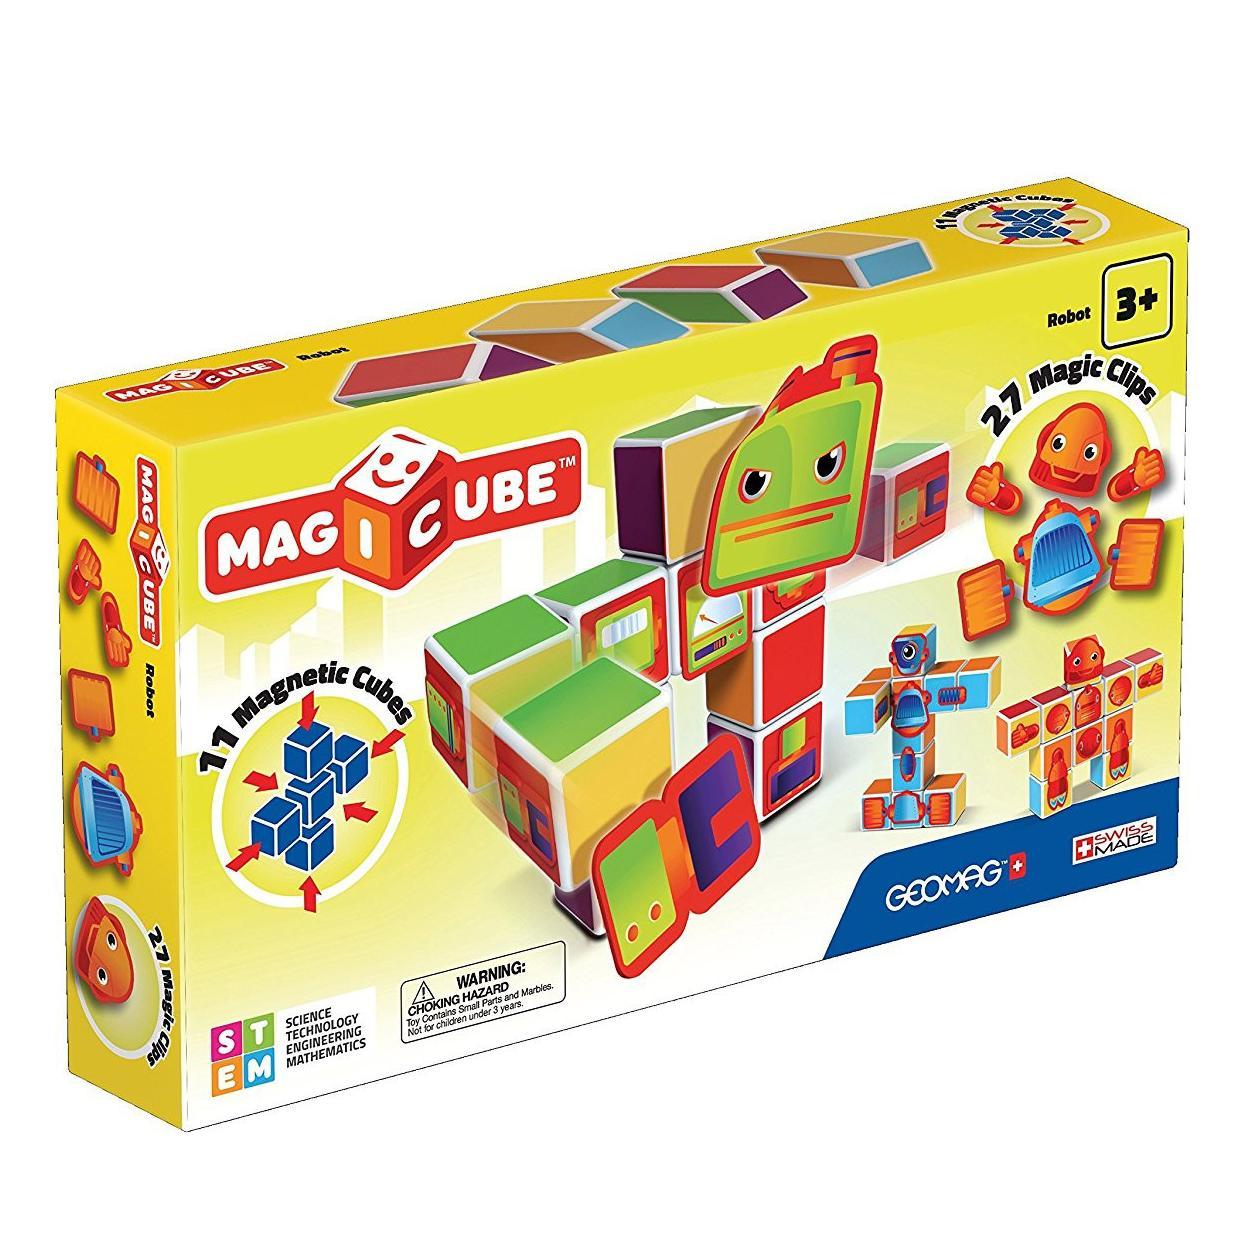 Купить Geomag Магнитный конструктор MagiCube Роботы , 38 деталей, Швейцария